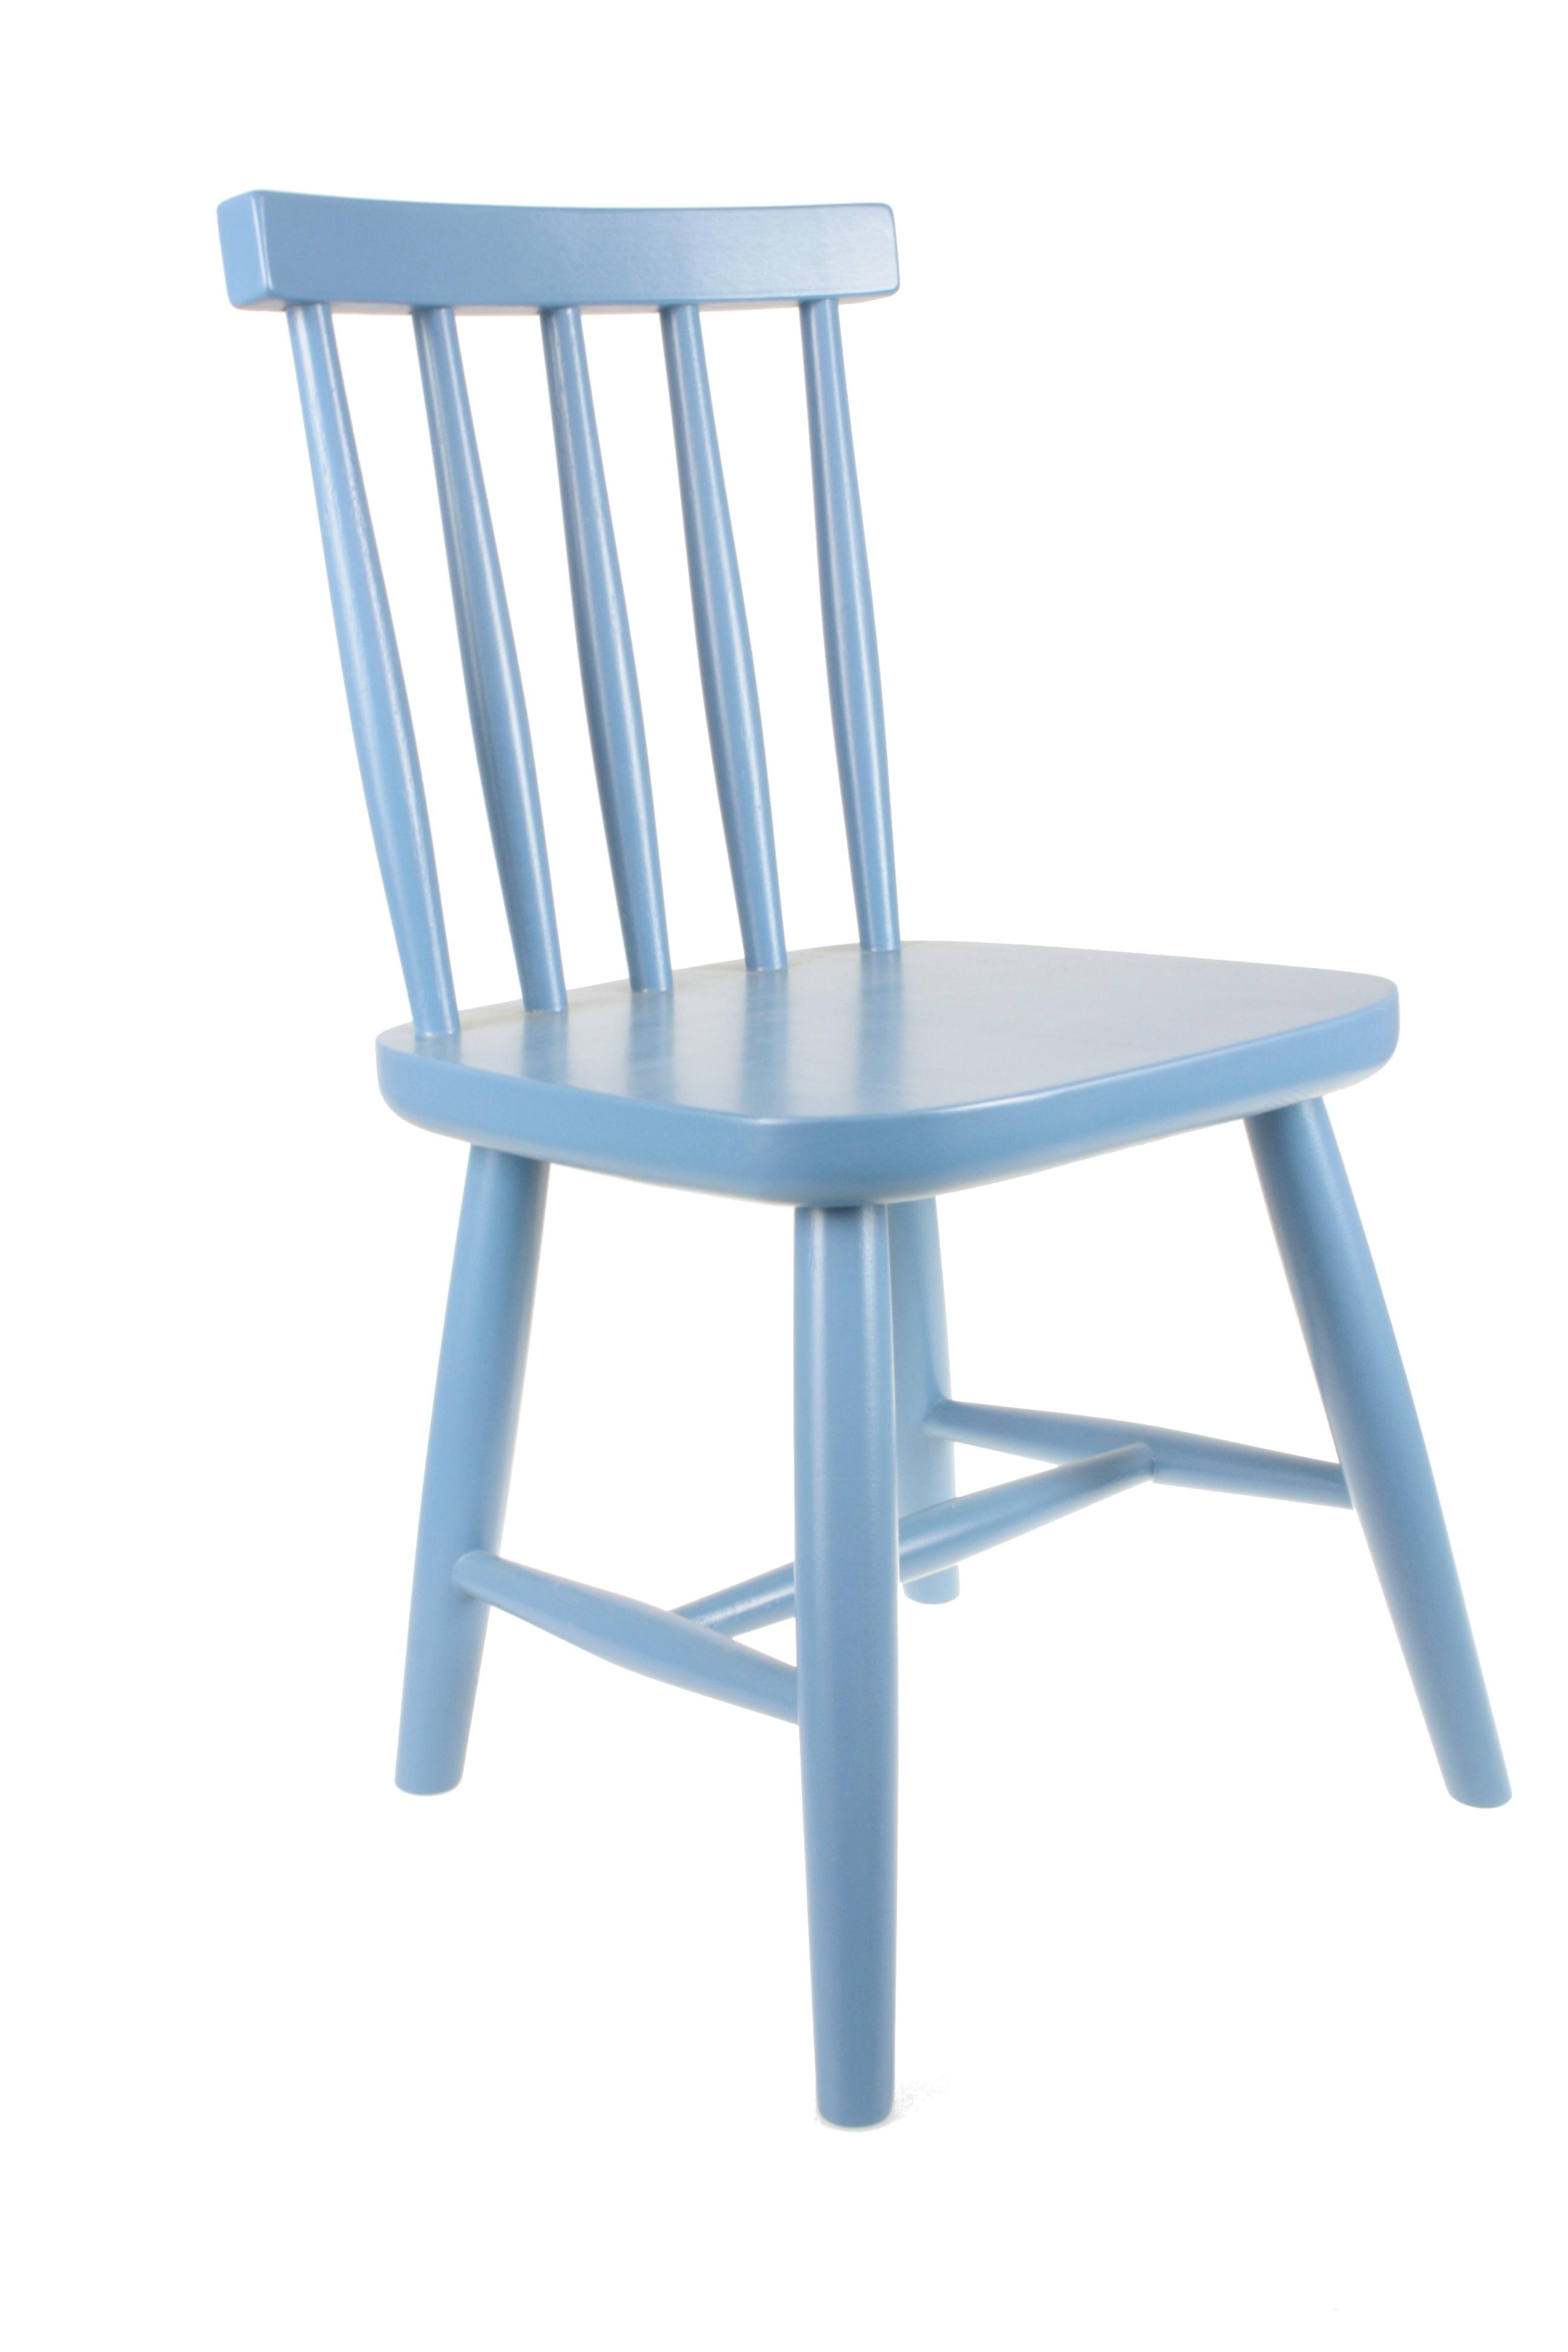 HECTOR bleu paradis fond blanc